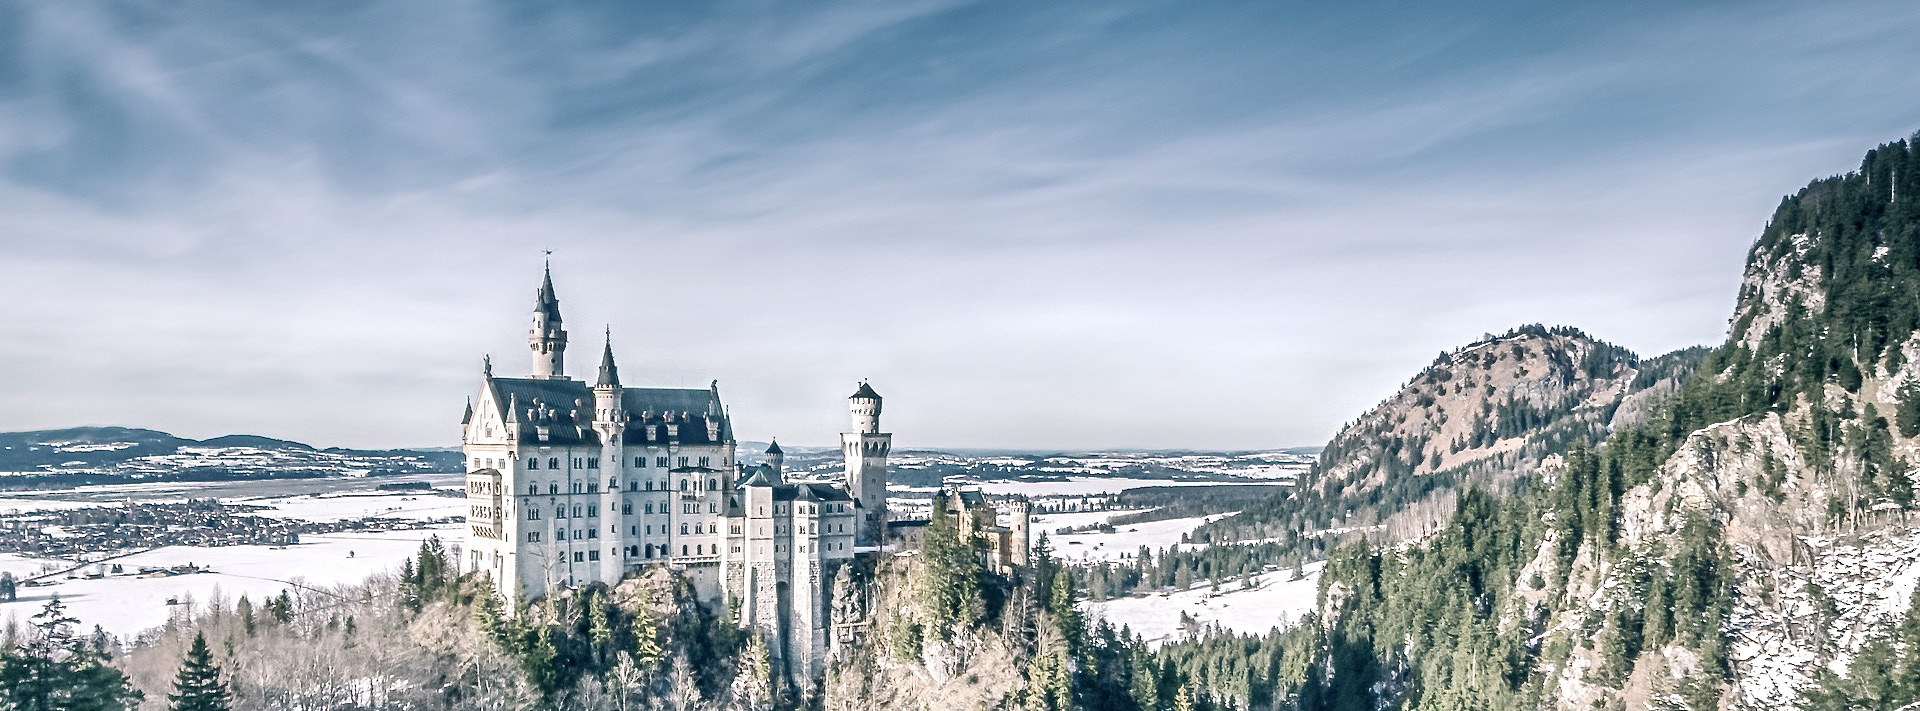 Deutschland Sehenswürdigkeiten – Die 20 schönsten Orte